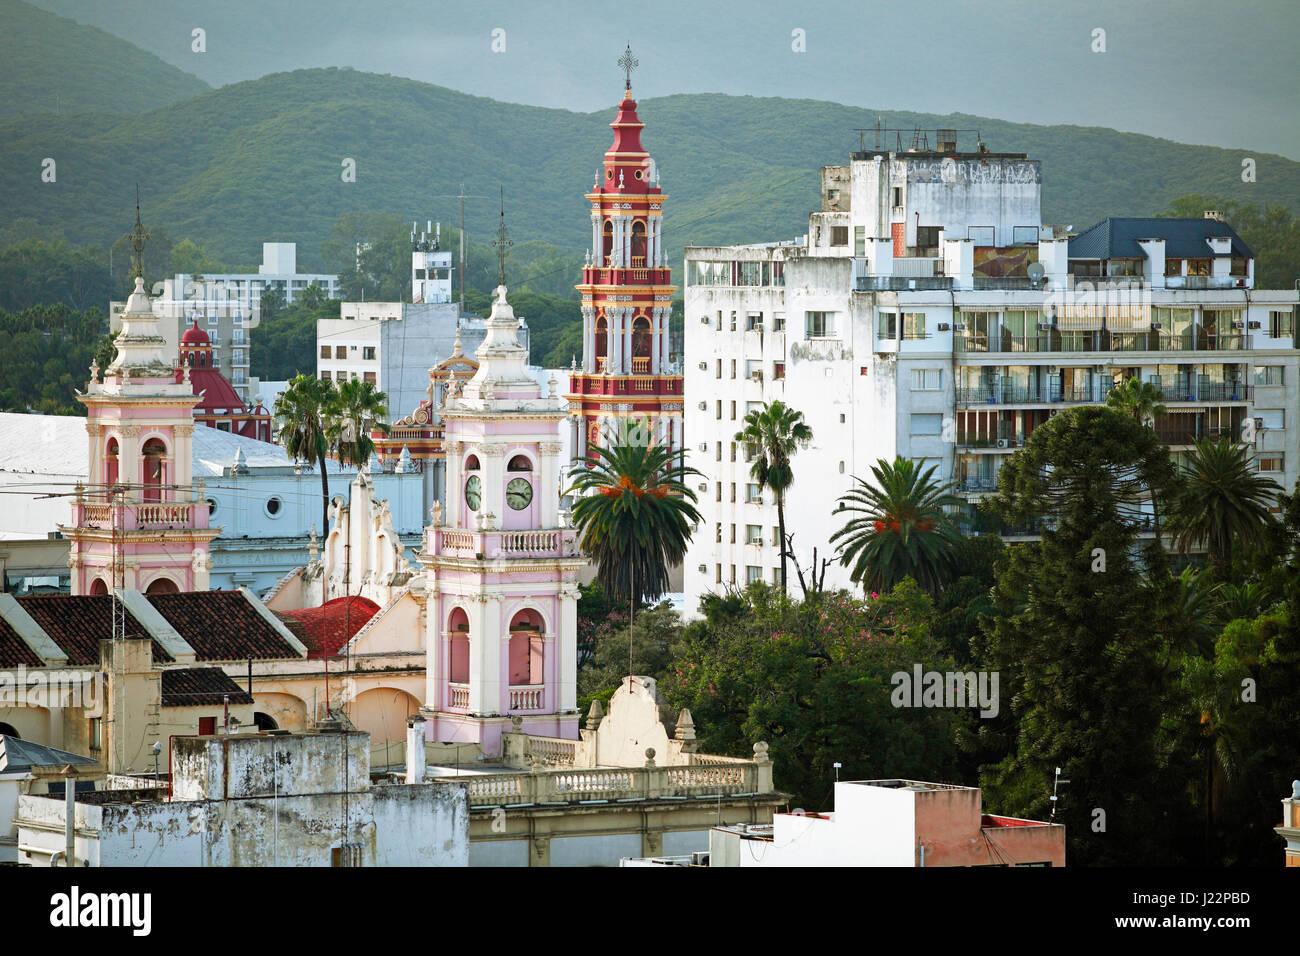 Paisaje urbano con la Catedral y la Iglesia de San Francisco, Salta, provincia de Salta, Argentina Imagen De Stock